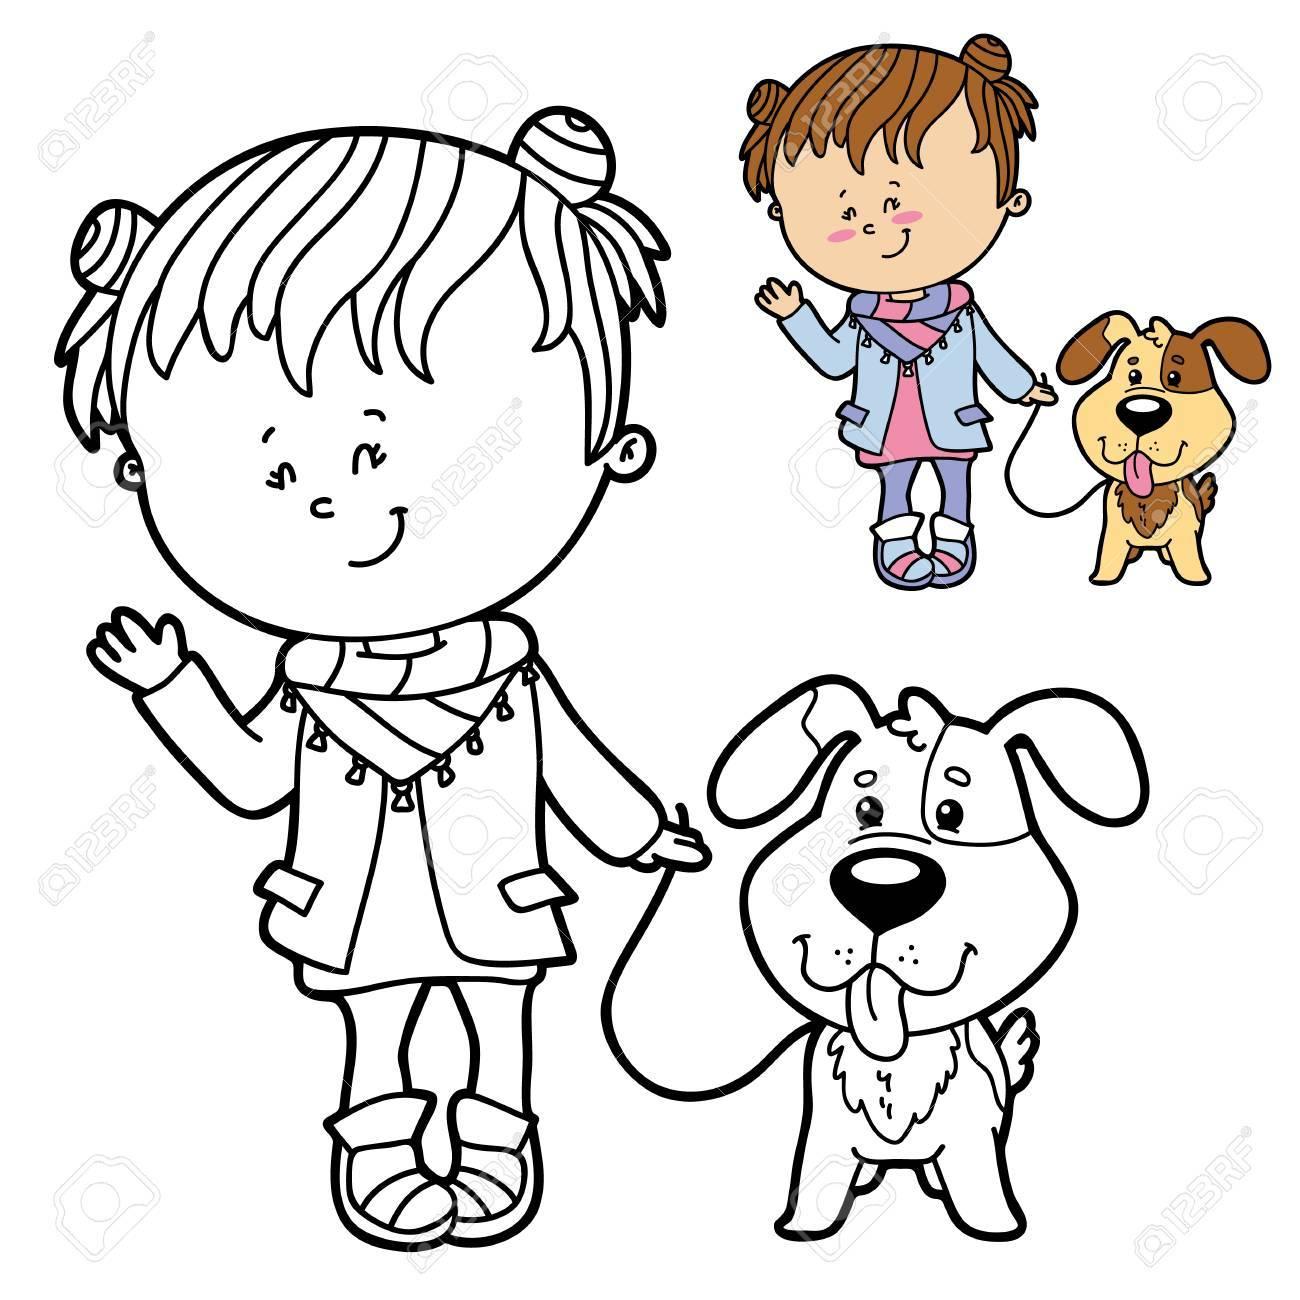 Ilustración Vectorial Para Colorear Página De Niña Y Perro Feliz De ...